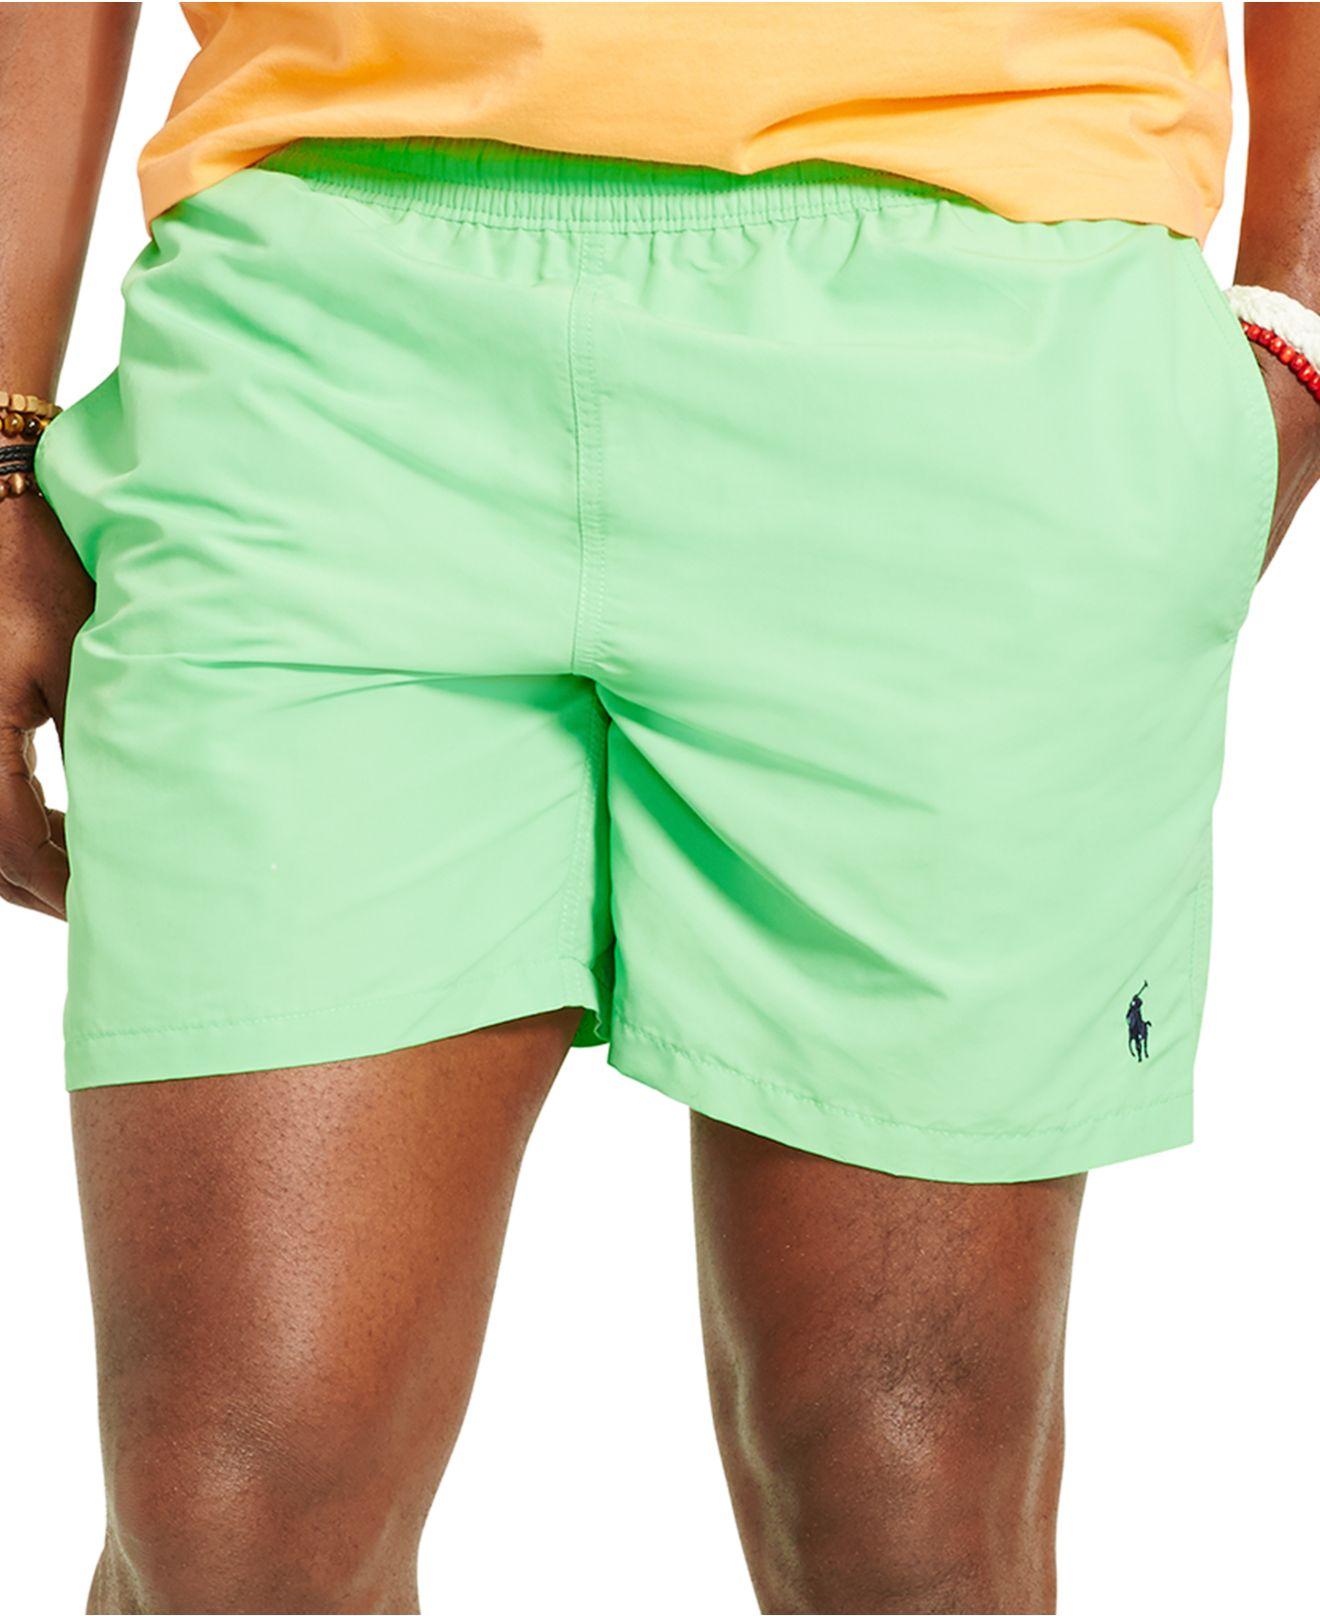 3c5a0a0d1a6 Polo Ralph Lauren Big & Tall Hawaiian Swim Trunks in Green for Men ...